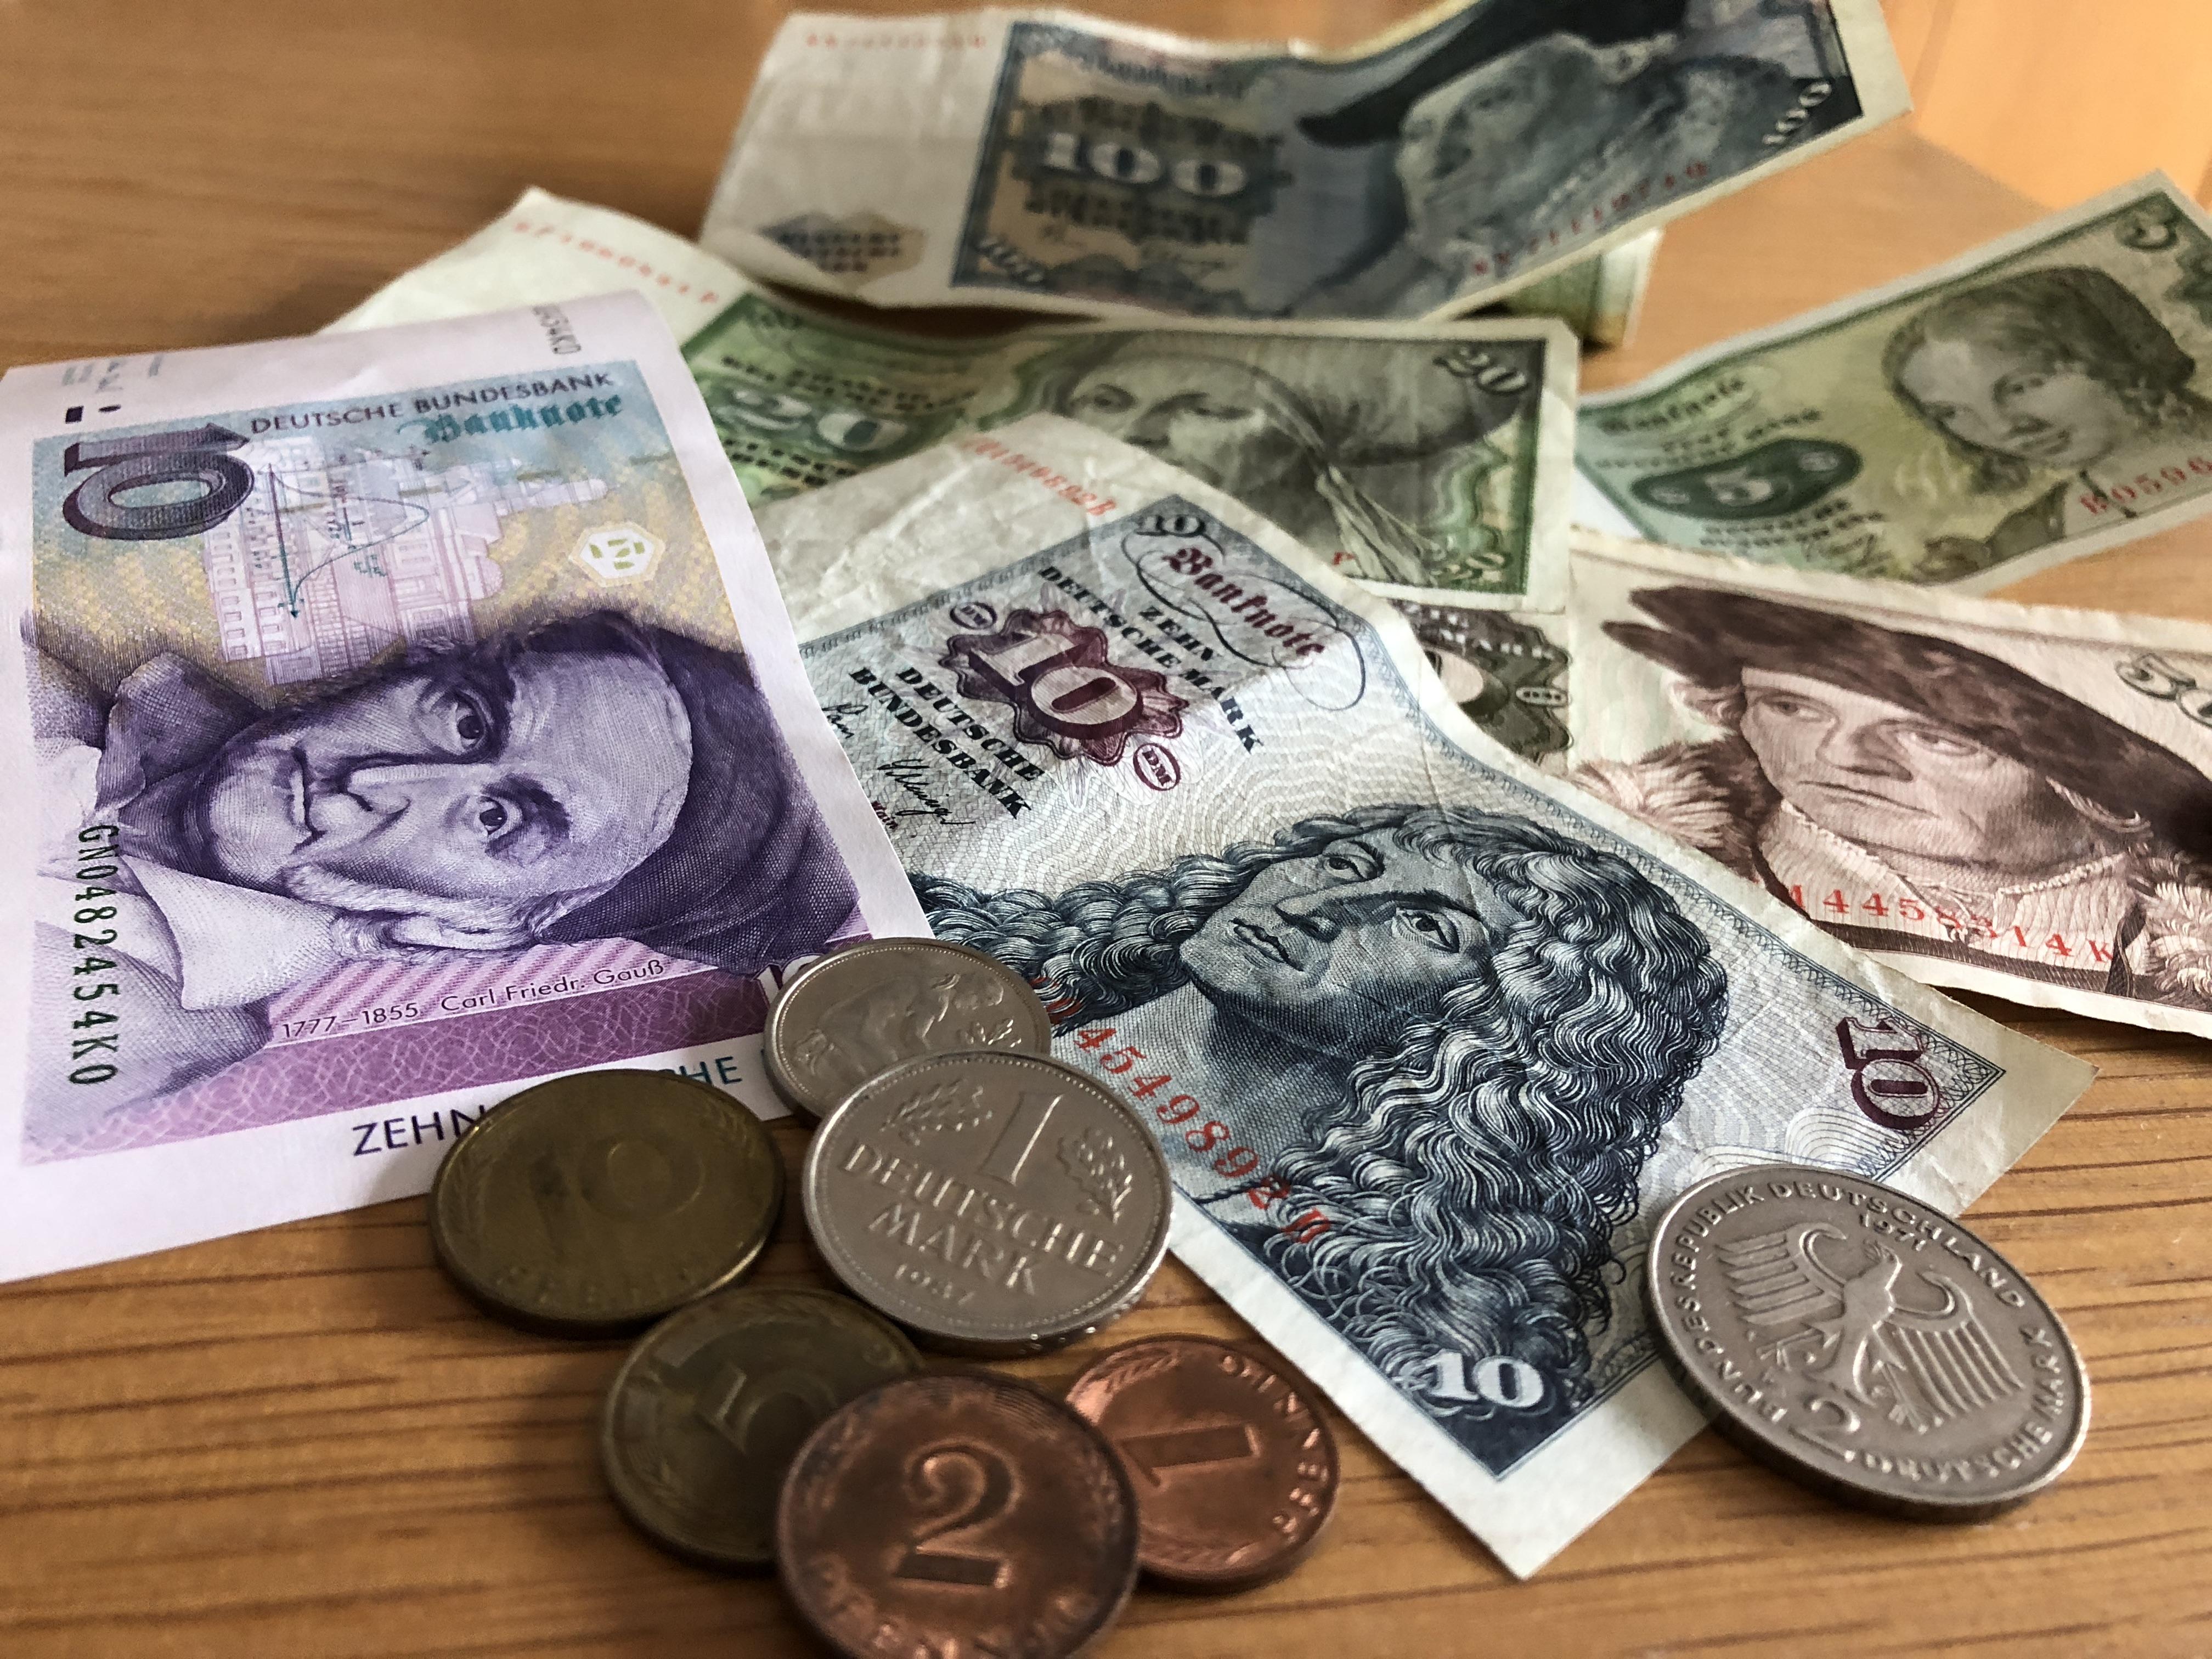 Münzen Gegen Scheine Umtauschen Sparkasse Ausreise Info